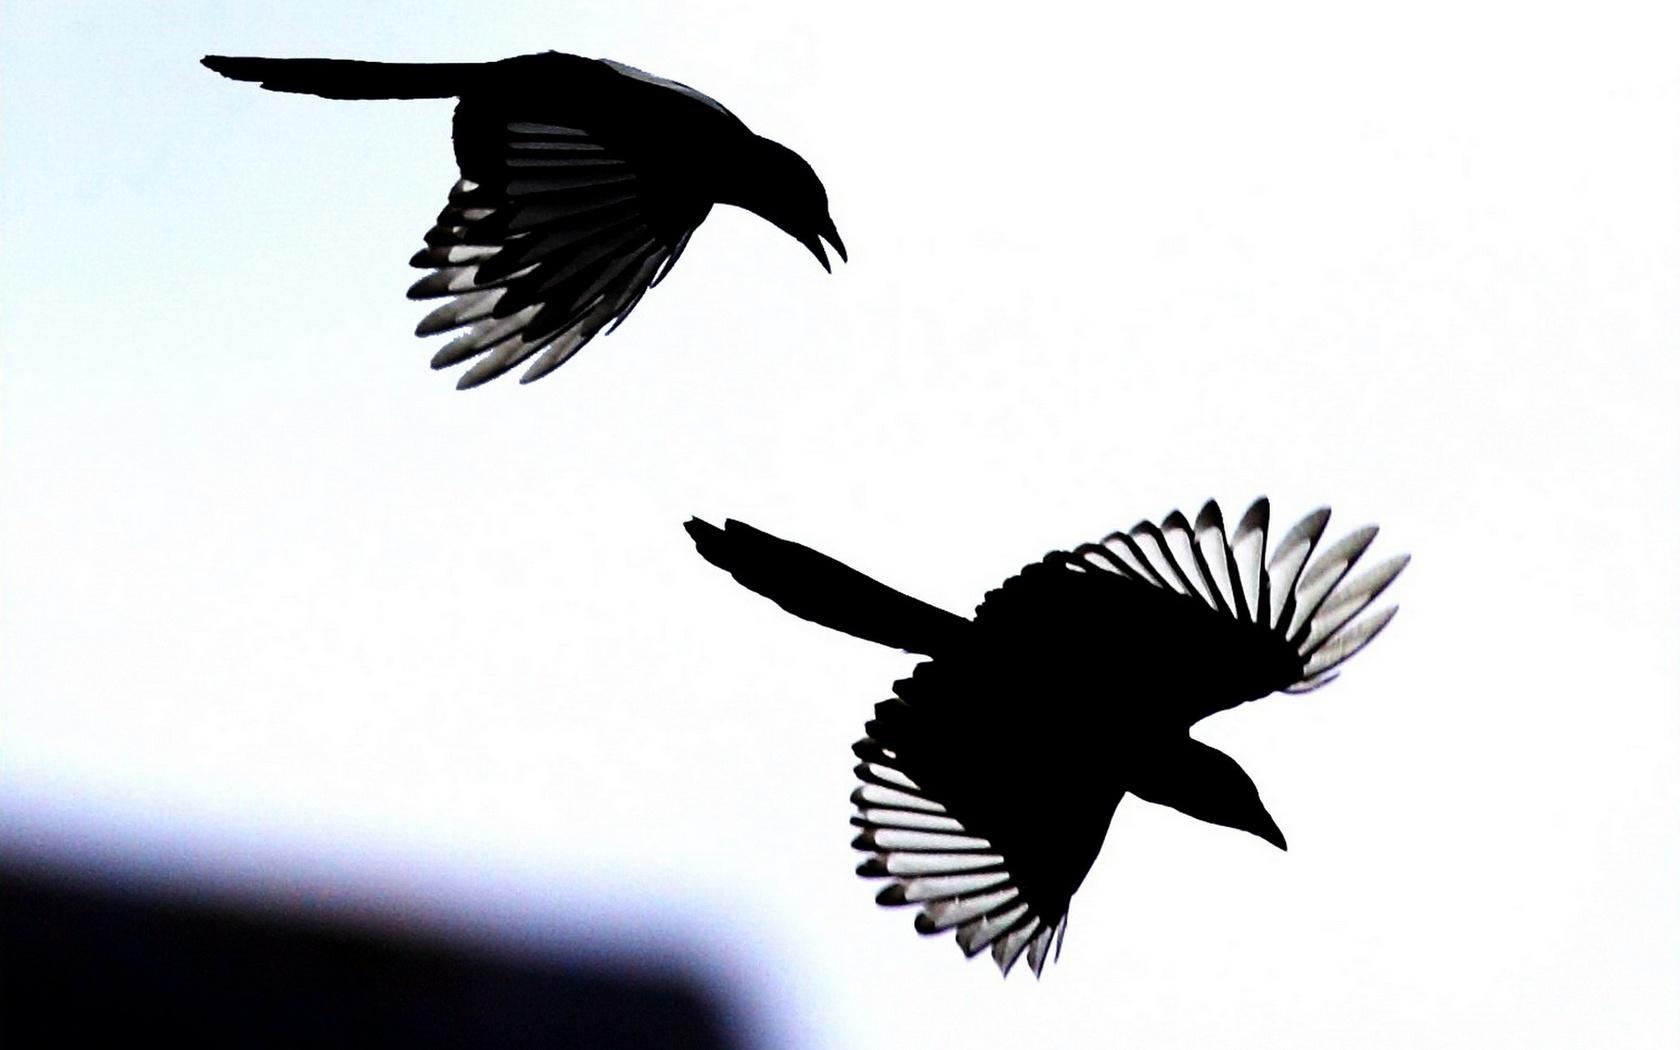 тень летящей птицы не движется всходят седьмой